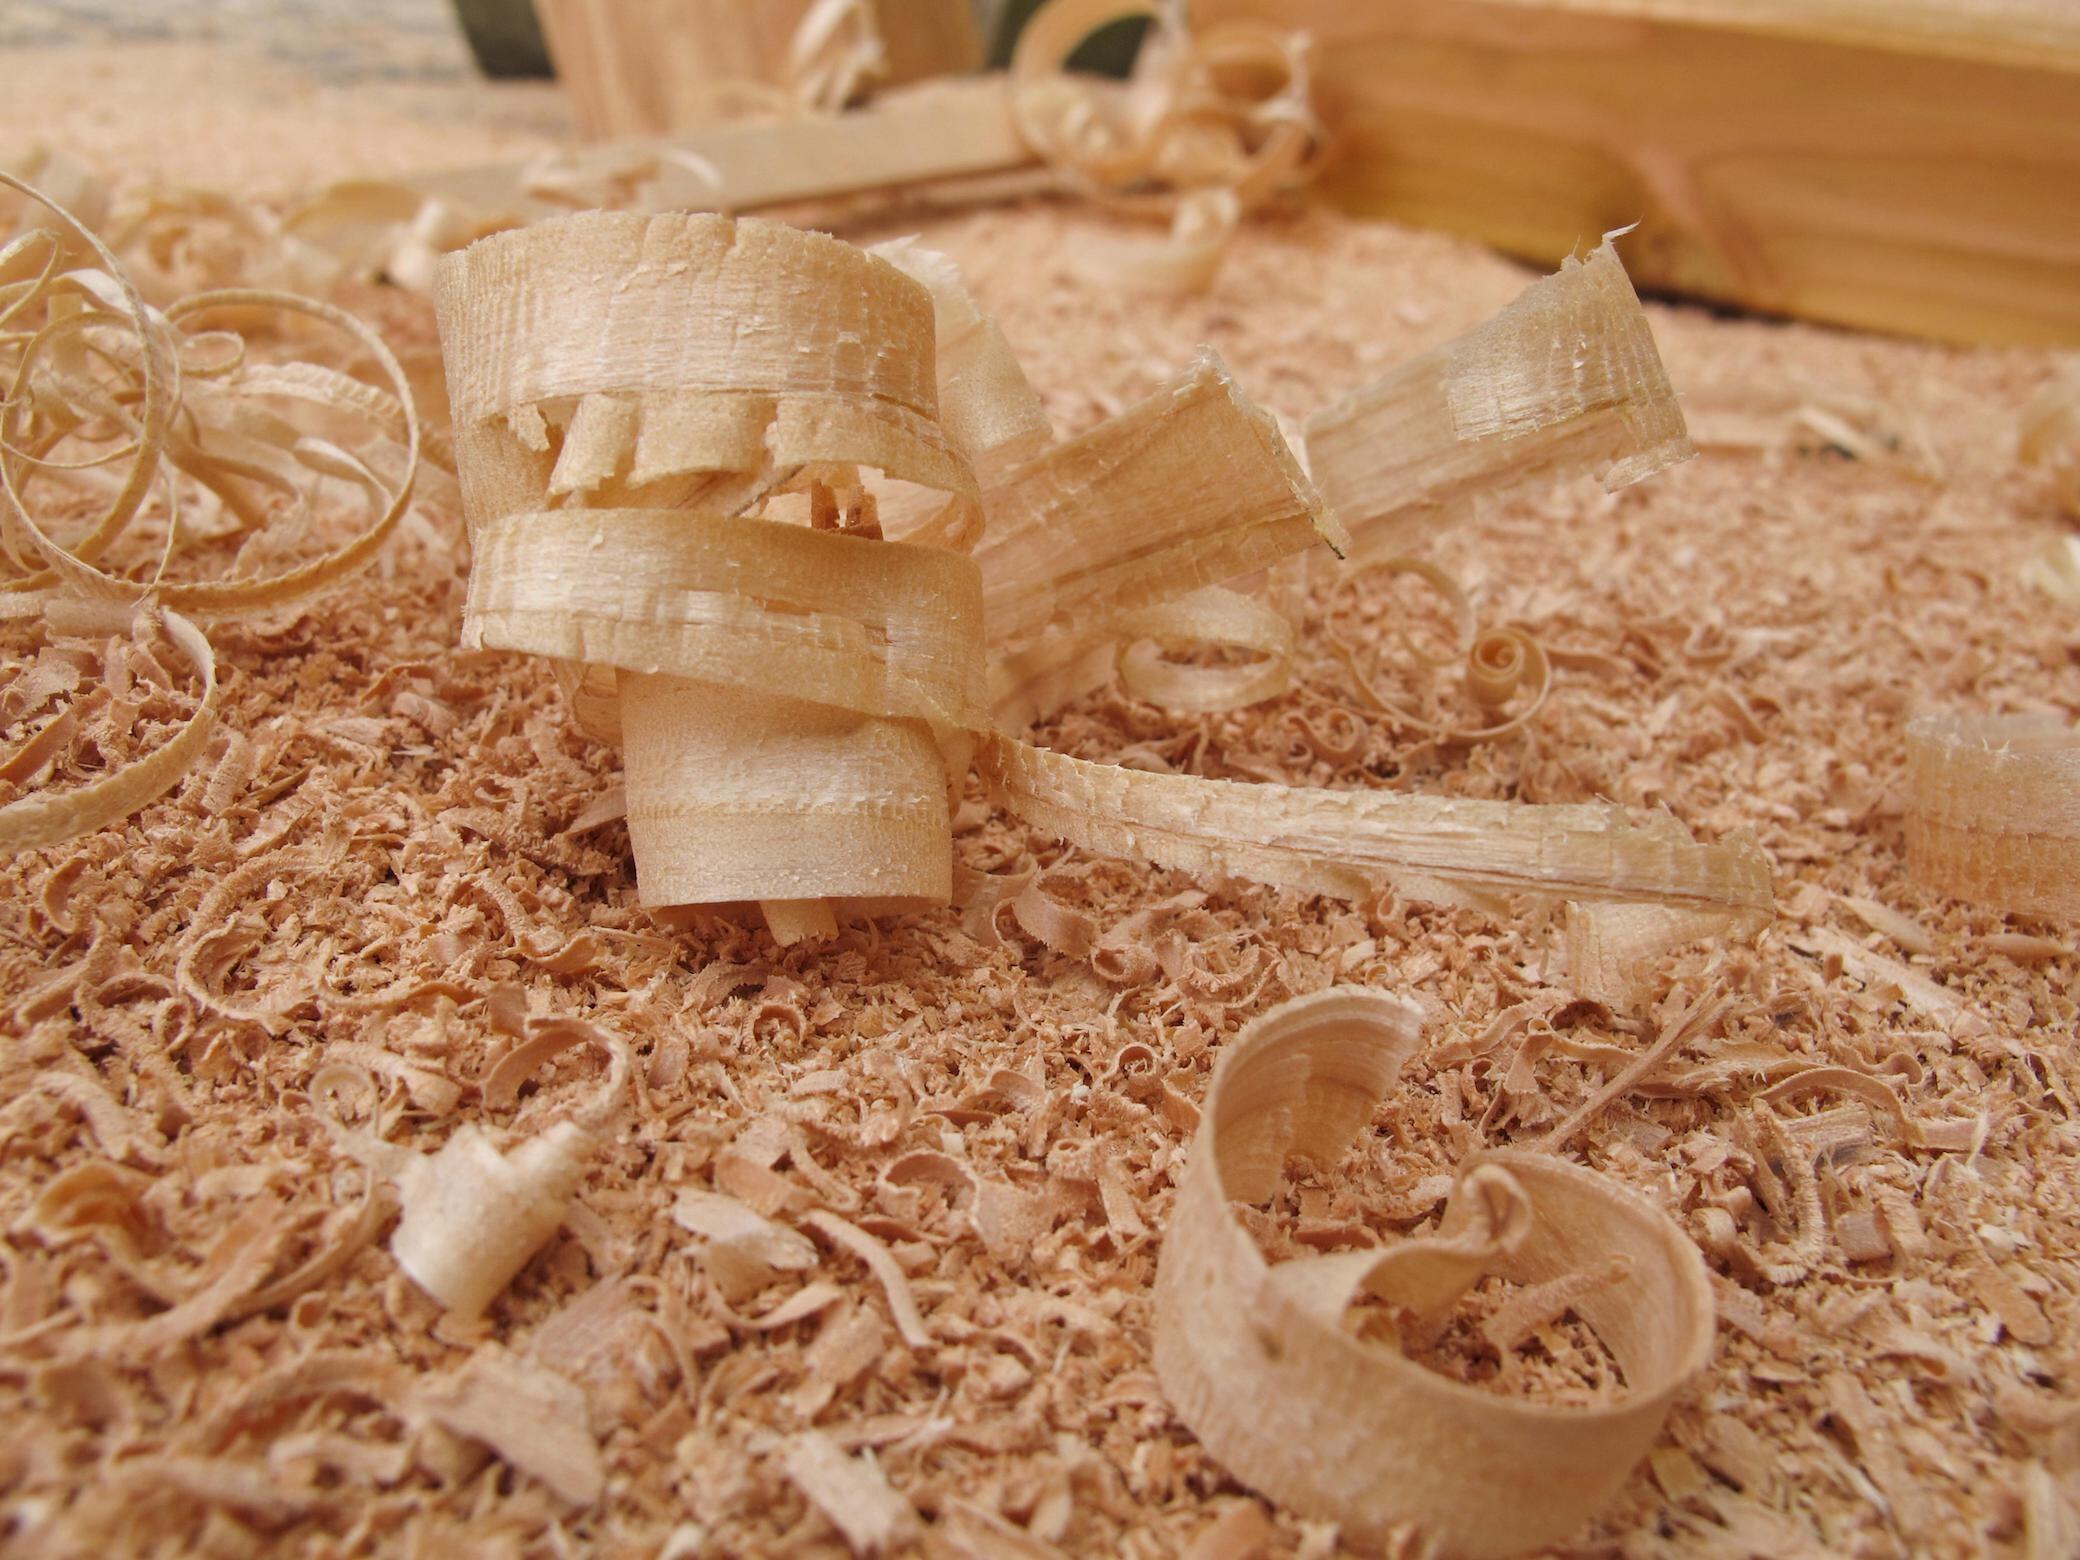 Hilft Zirbenholz beim Einschlafen?